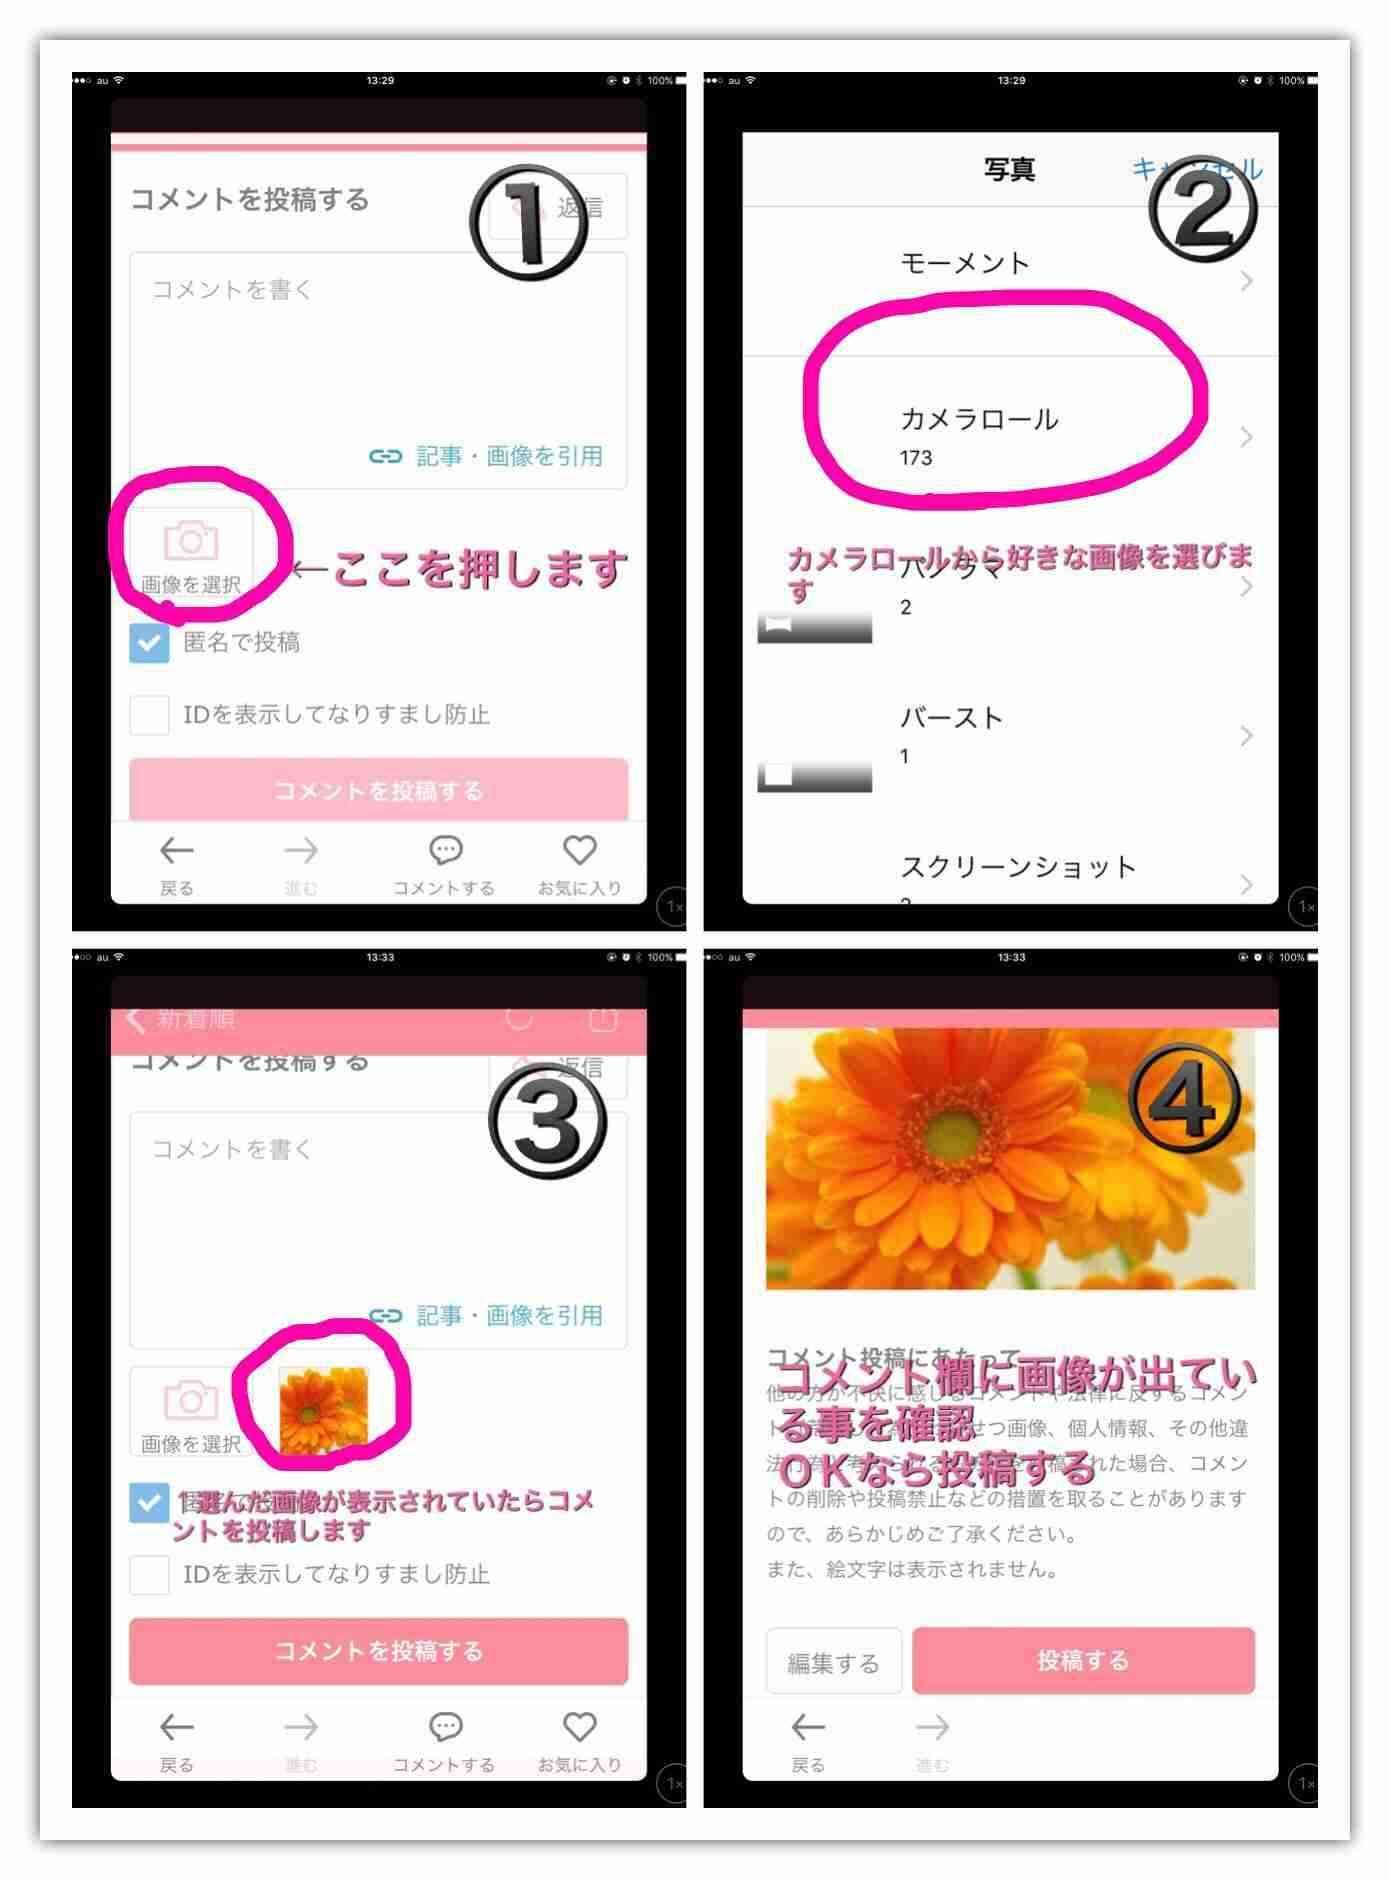 ガルちゃんで画像(サイト)を貼り付ける方法&練習Part17